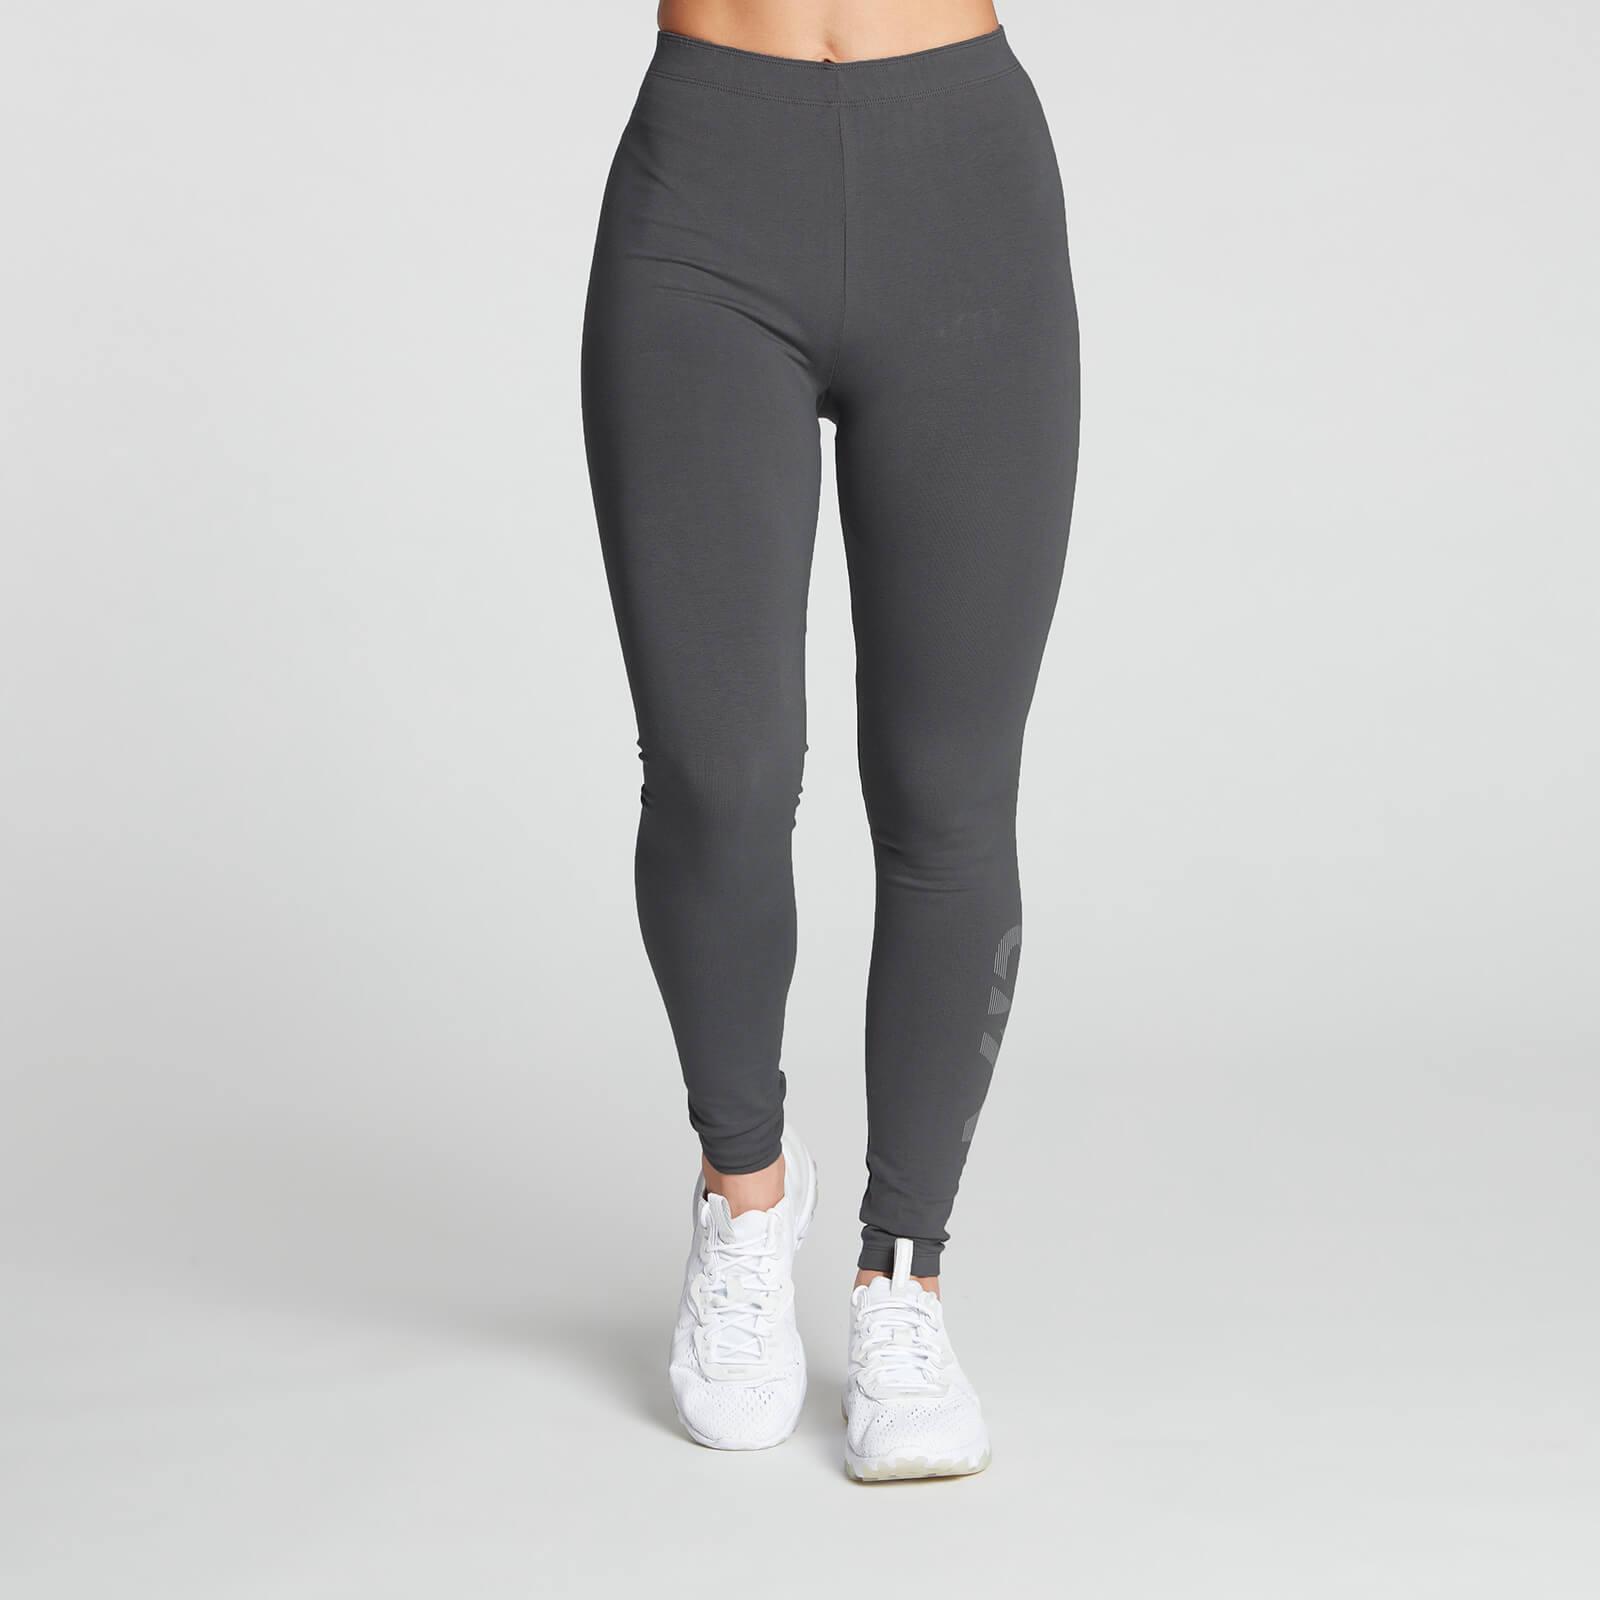 Купить MP Women's Gradient Line Graphic Legging - Carbon - XXL, Myprotein International